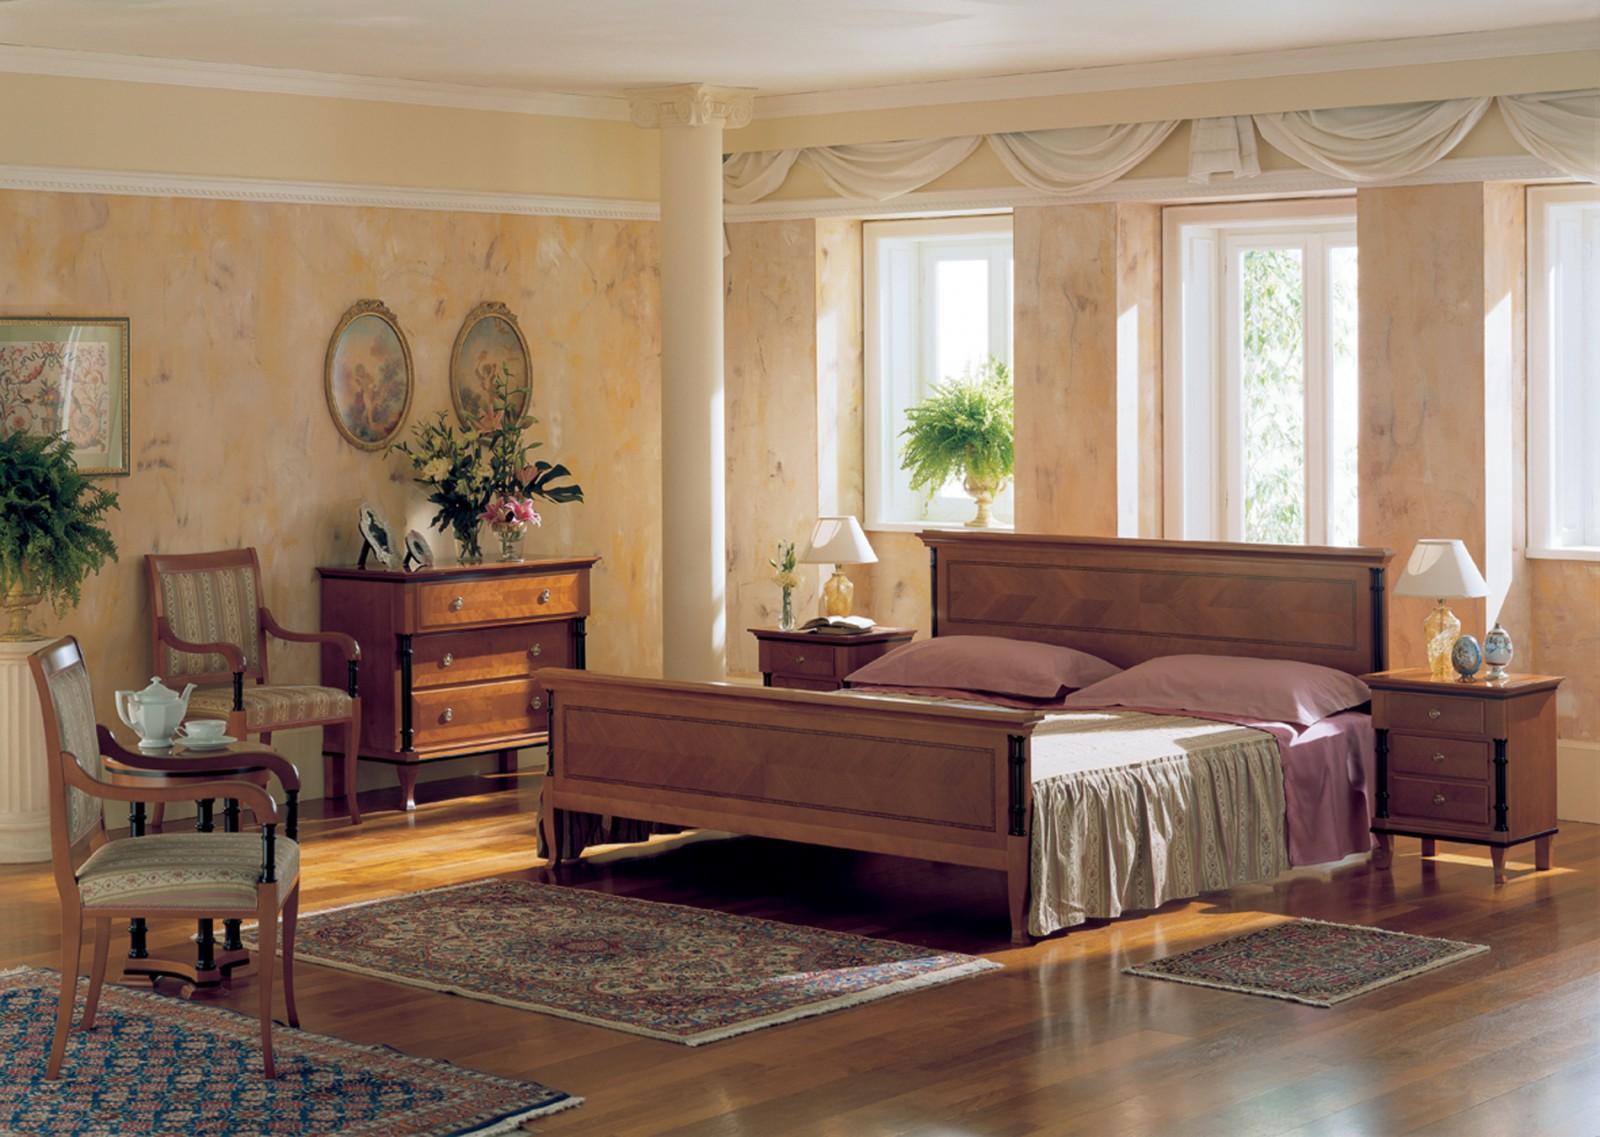 biedermeier stilles. Black Bedroom Furniture Sets. Home Design Ideas